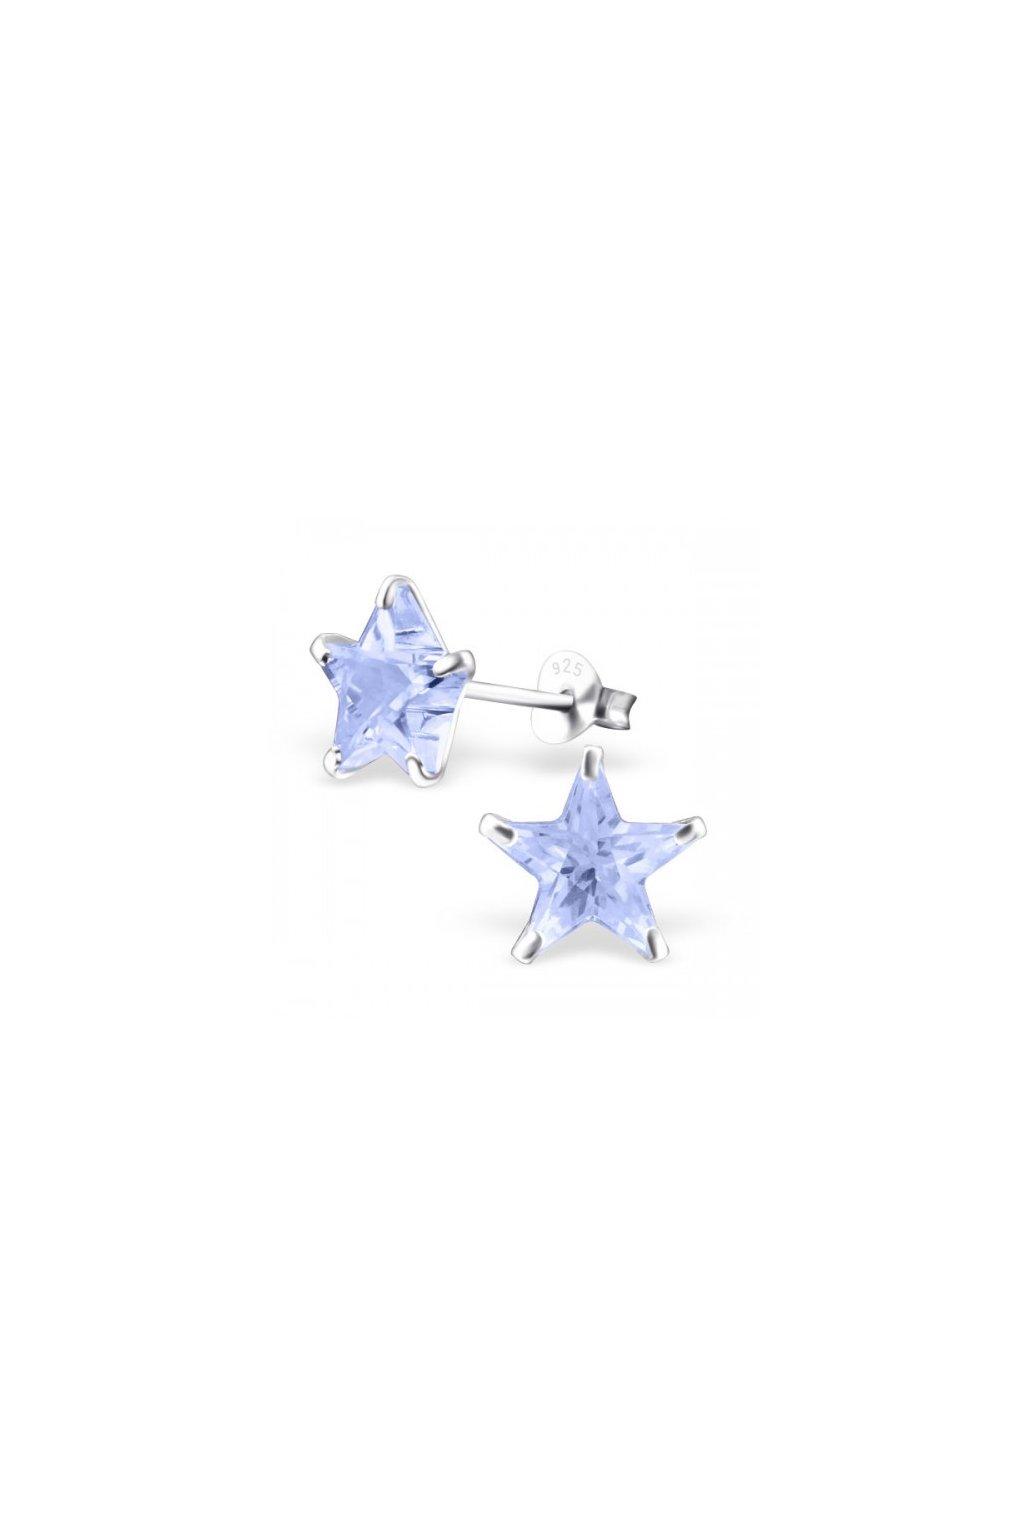 Strieborné náušnice hviezdy - 925 cz kryštál levander MS7125